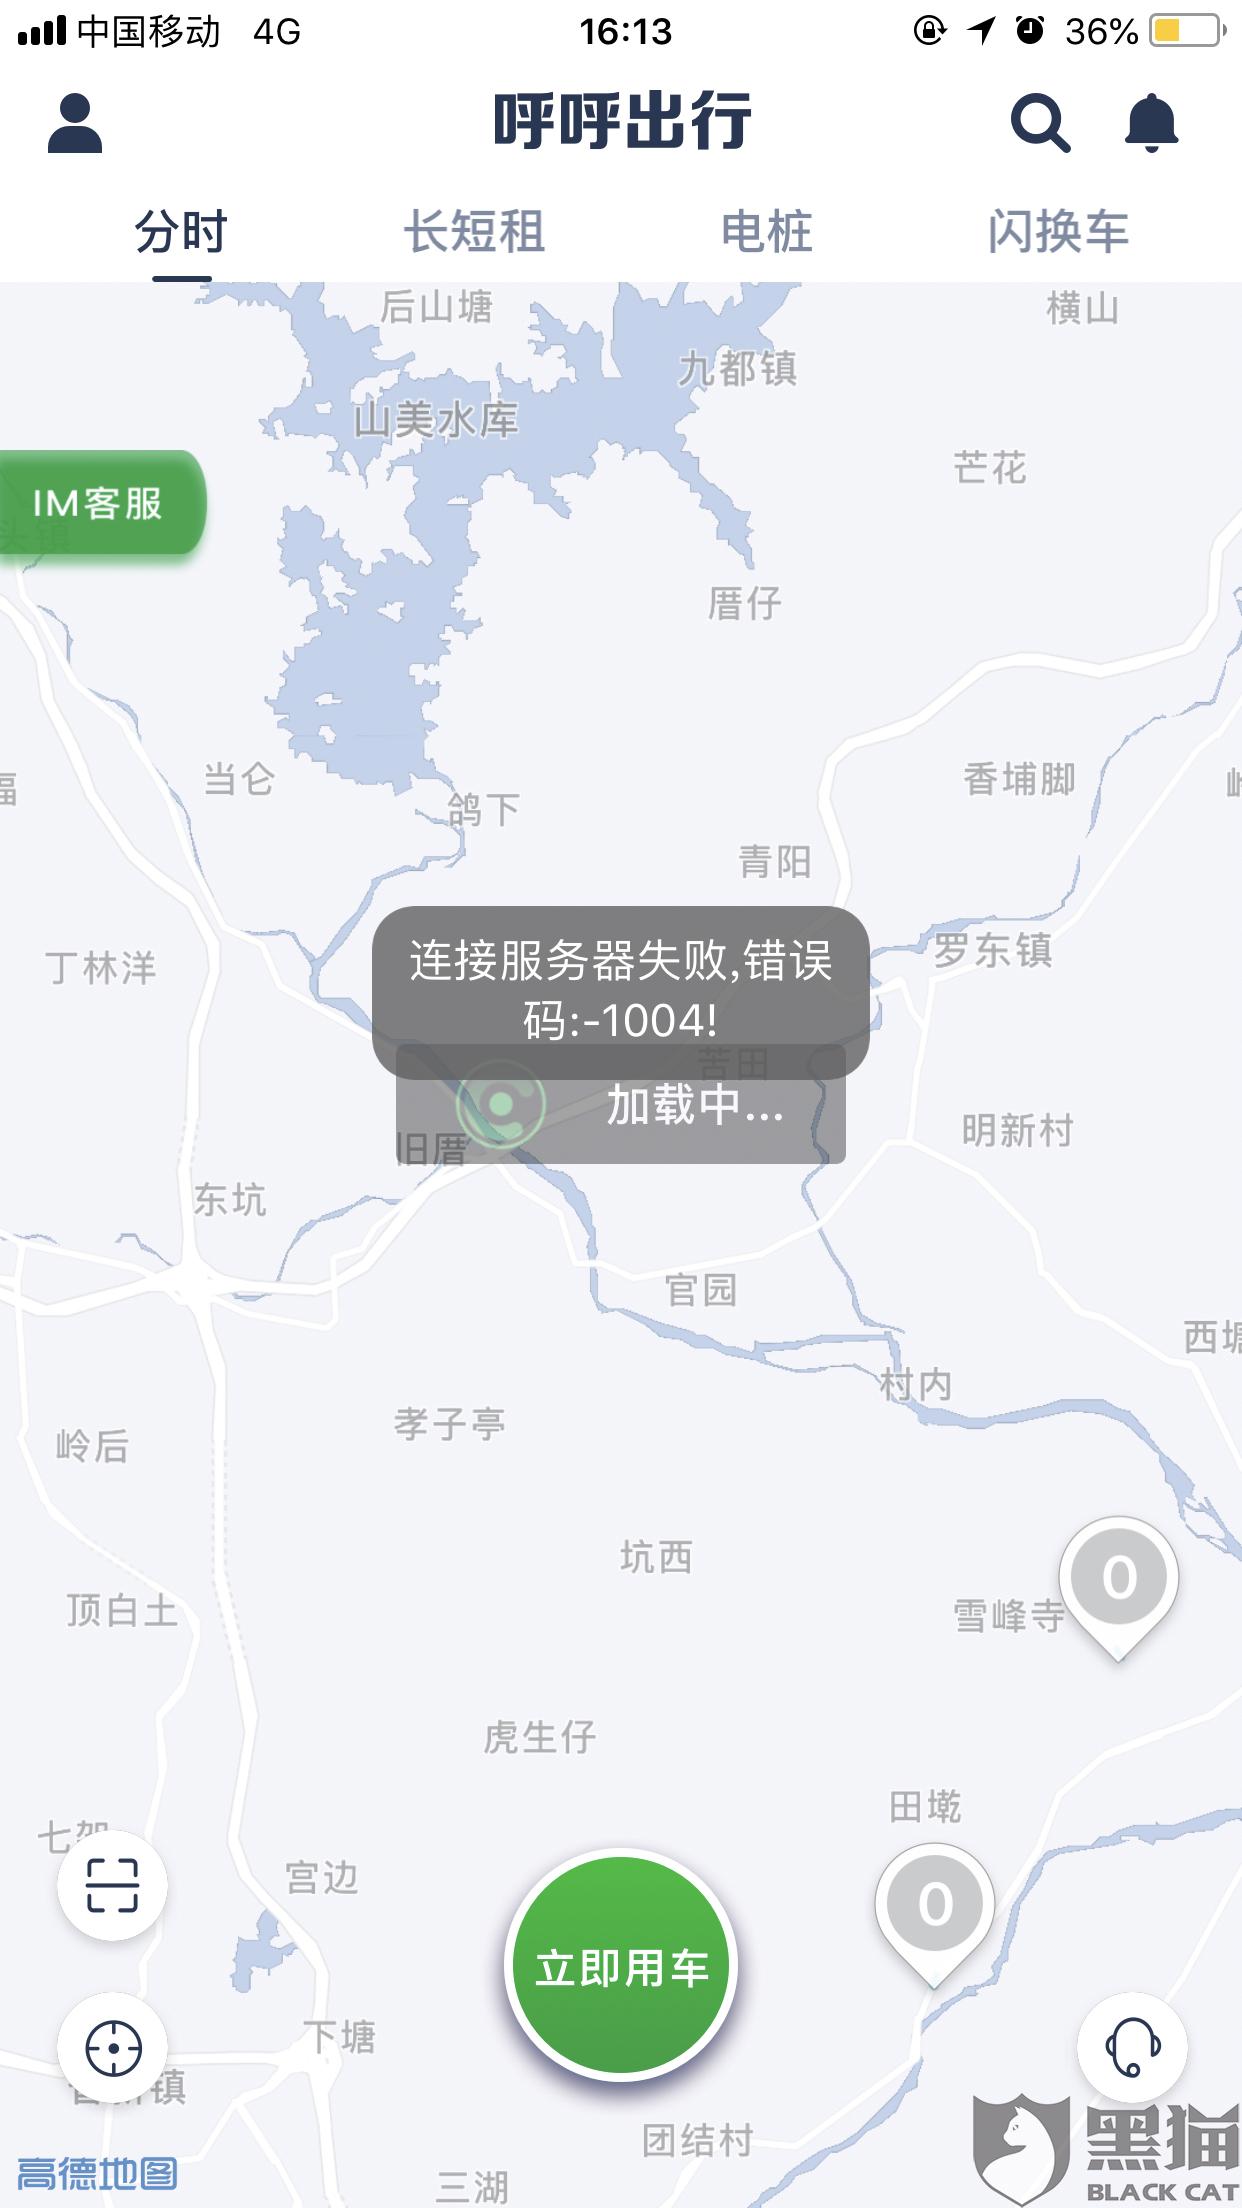 黑猫投诉:呼呼出行(原大圣出行)平台关闭服务,押金退不了!